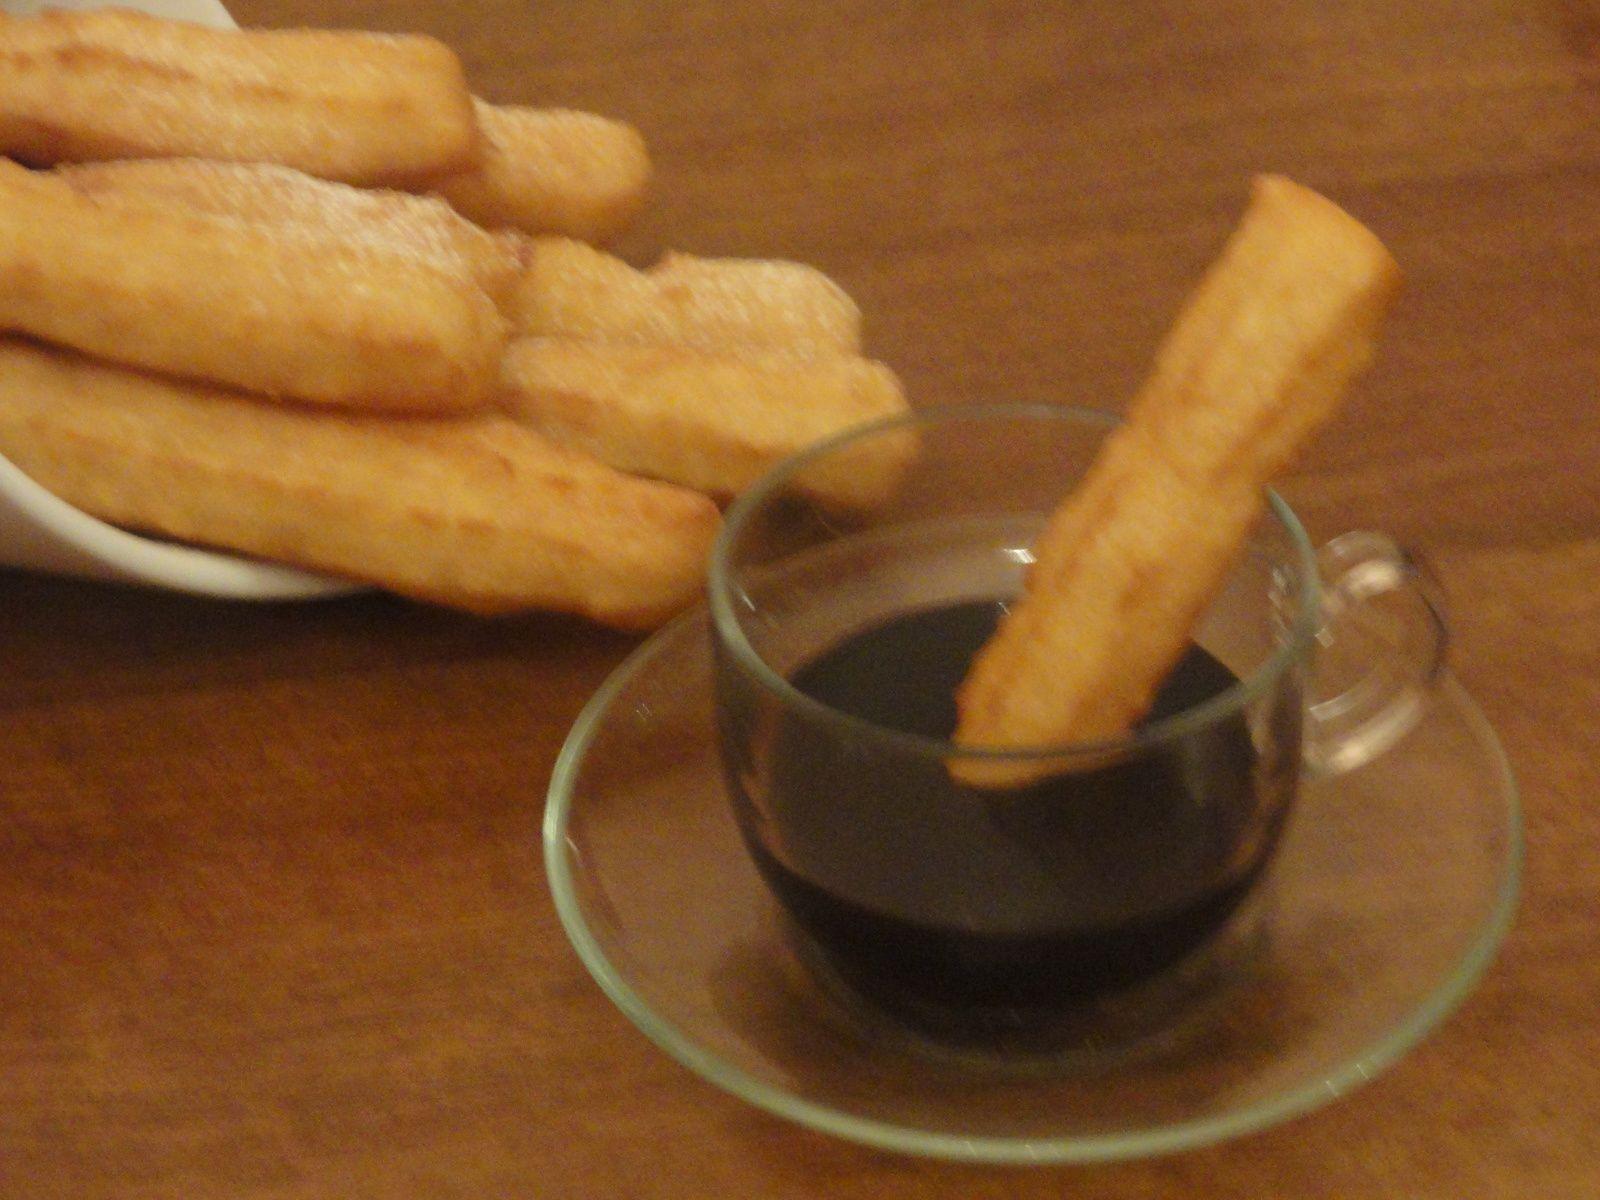 churros sans oeufs et sans beurre et sa sauce au chocolat/chichis